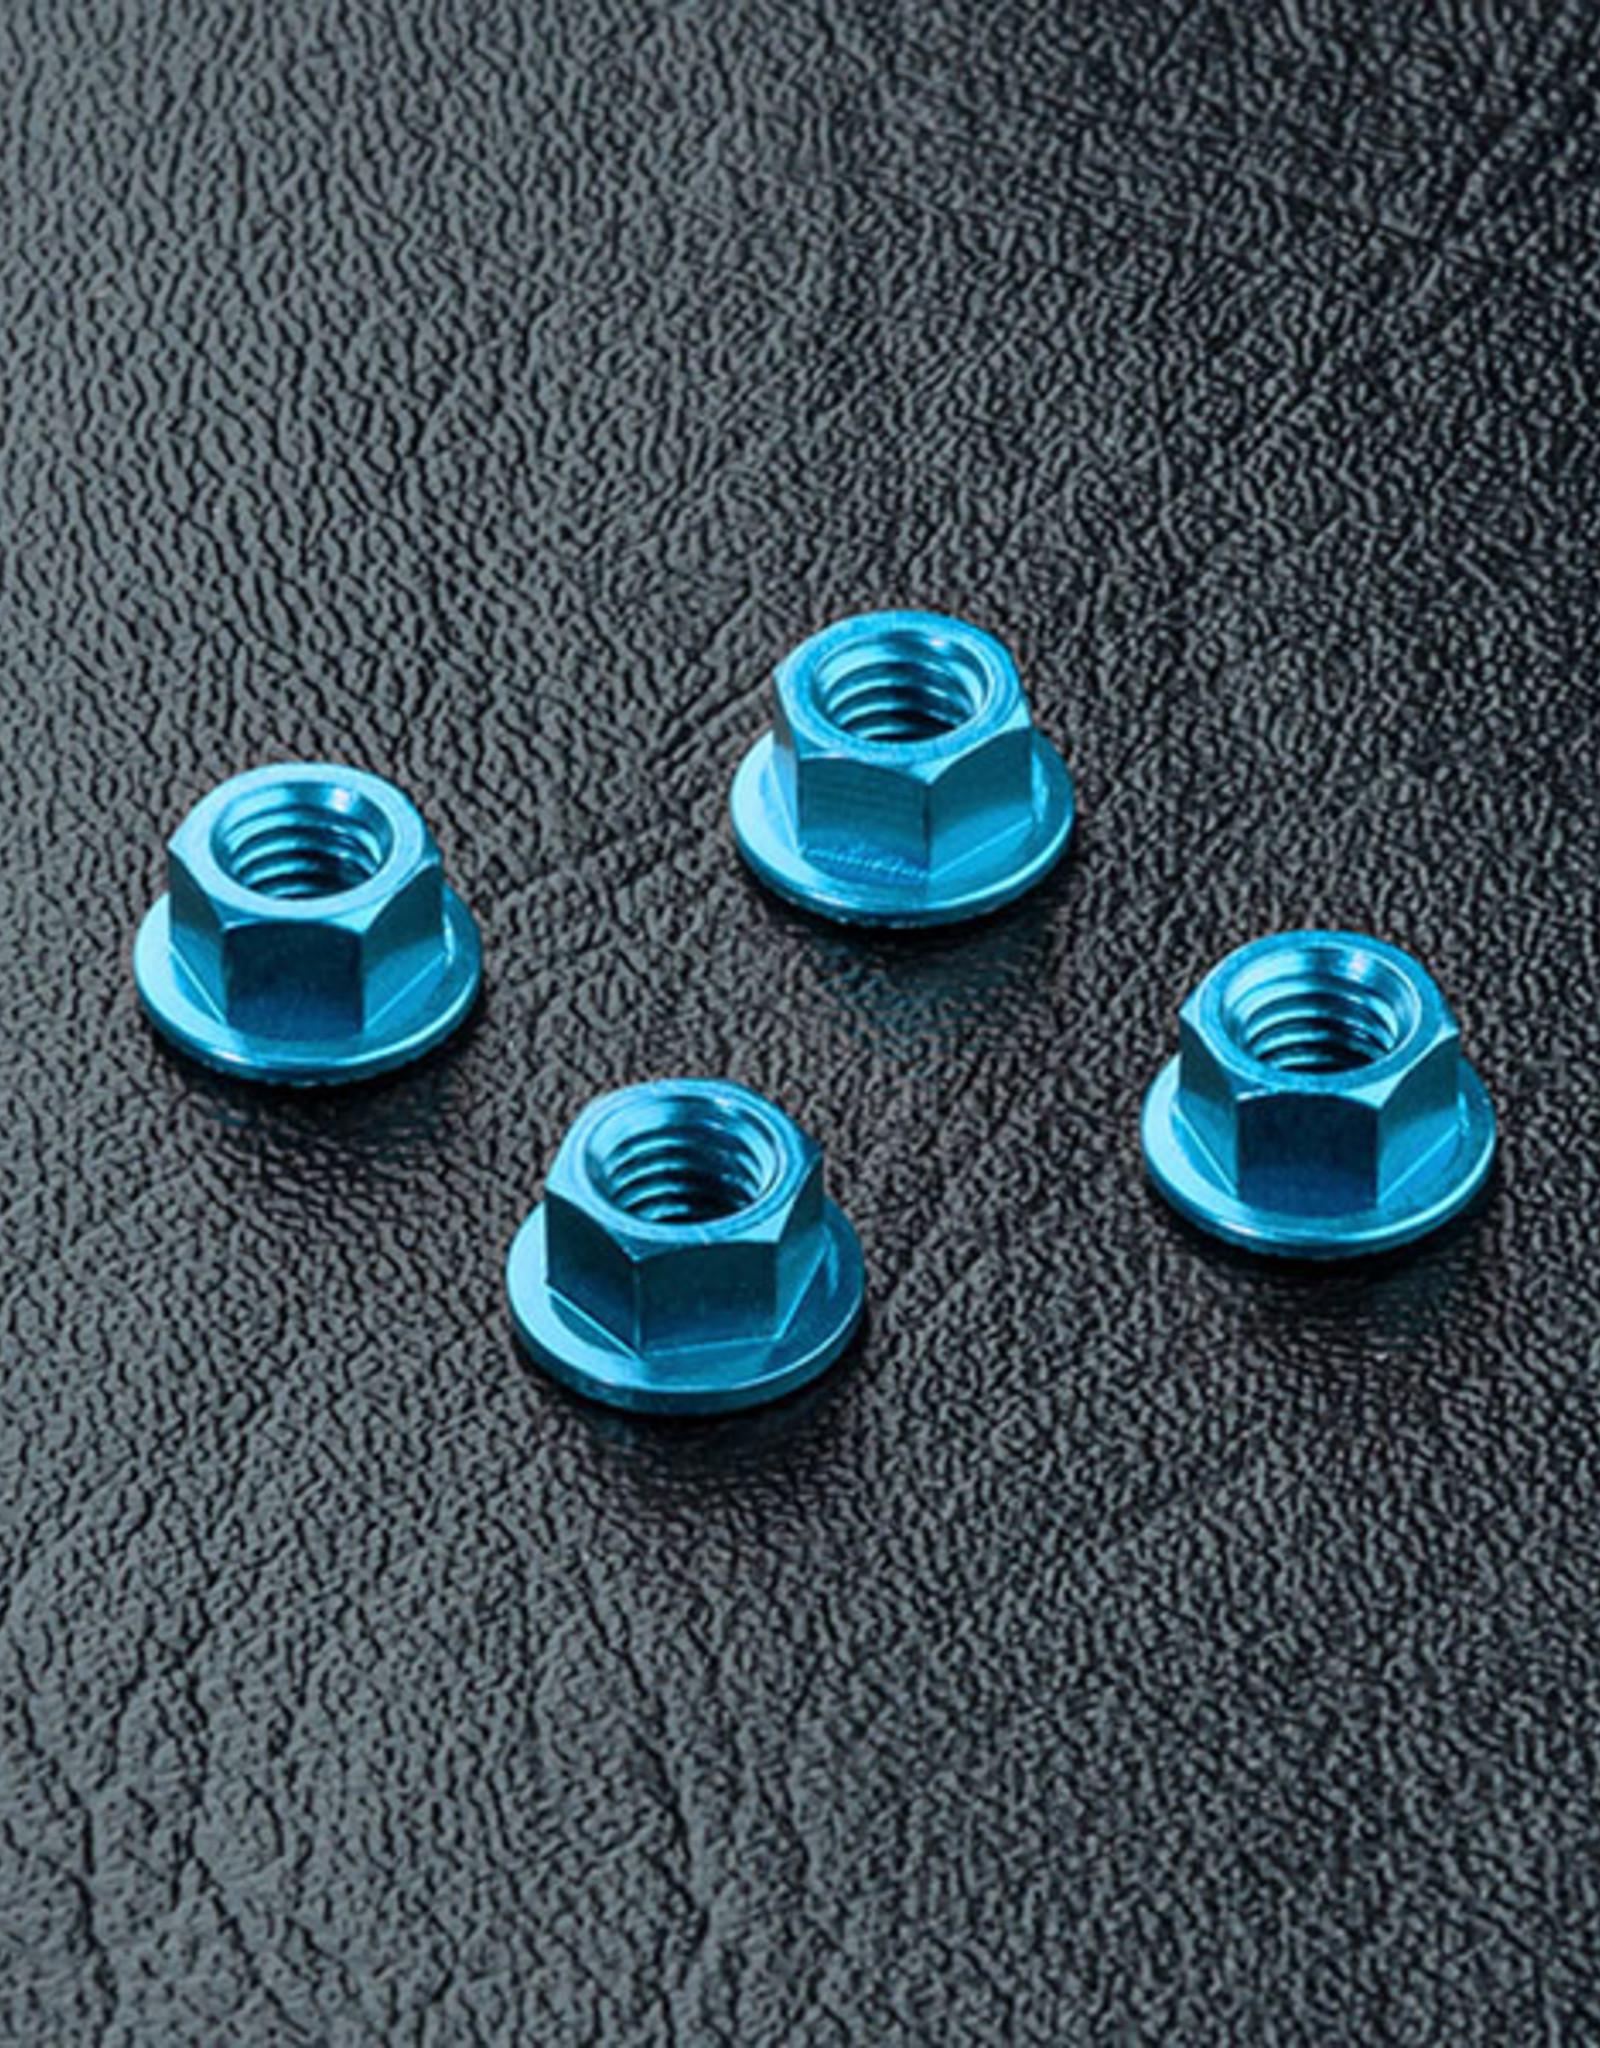 MST MXSPD820001B Alum. wheel nut (blue) (4) by MST820001B